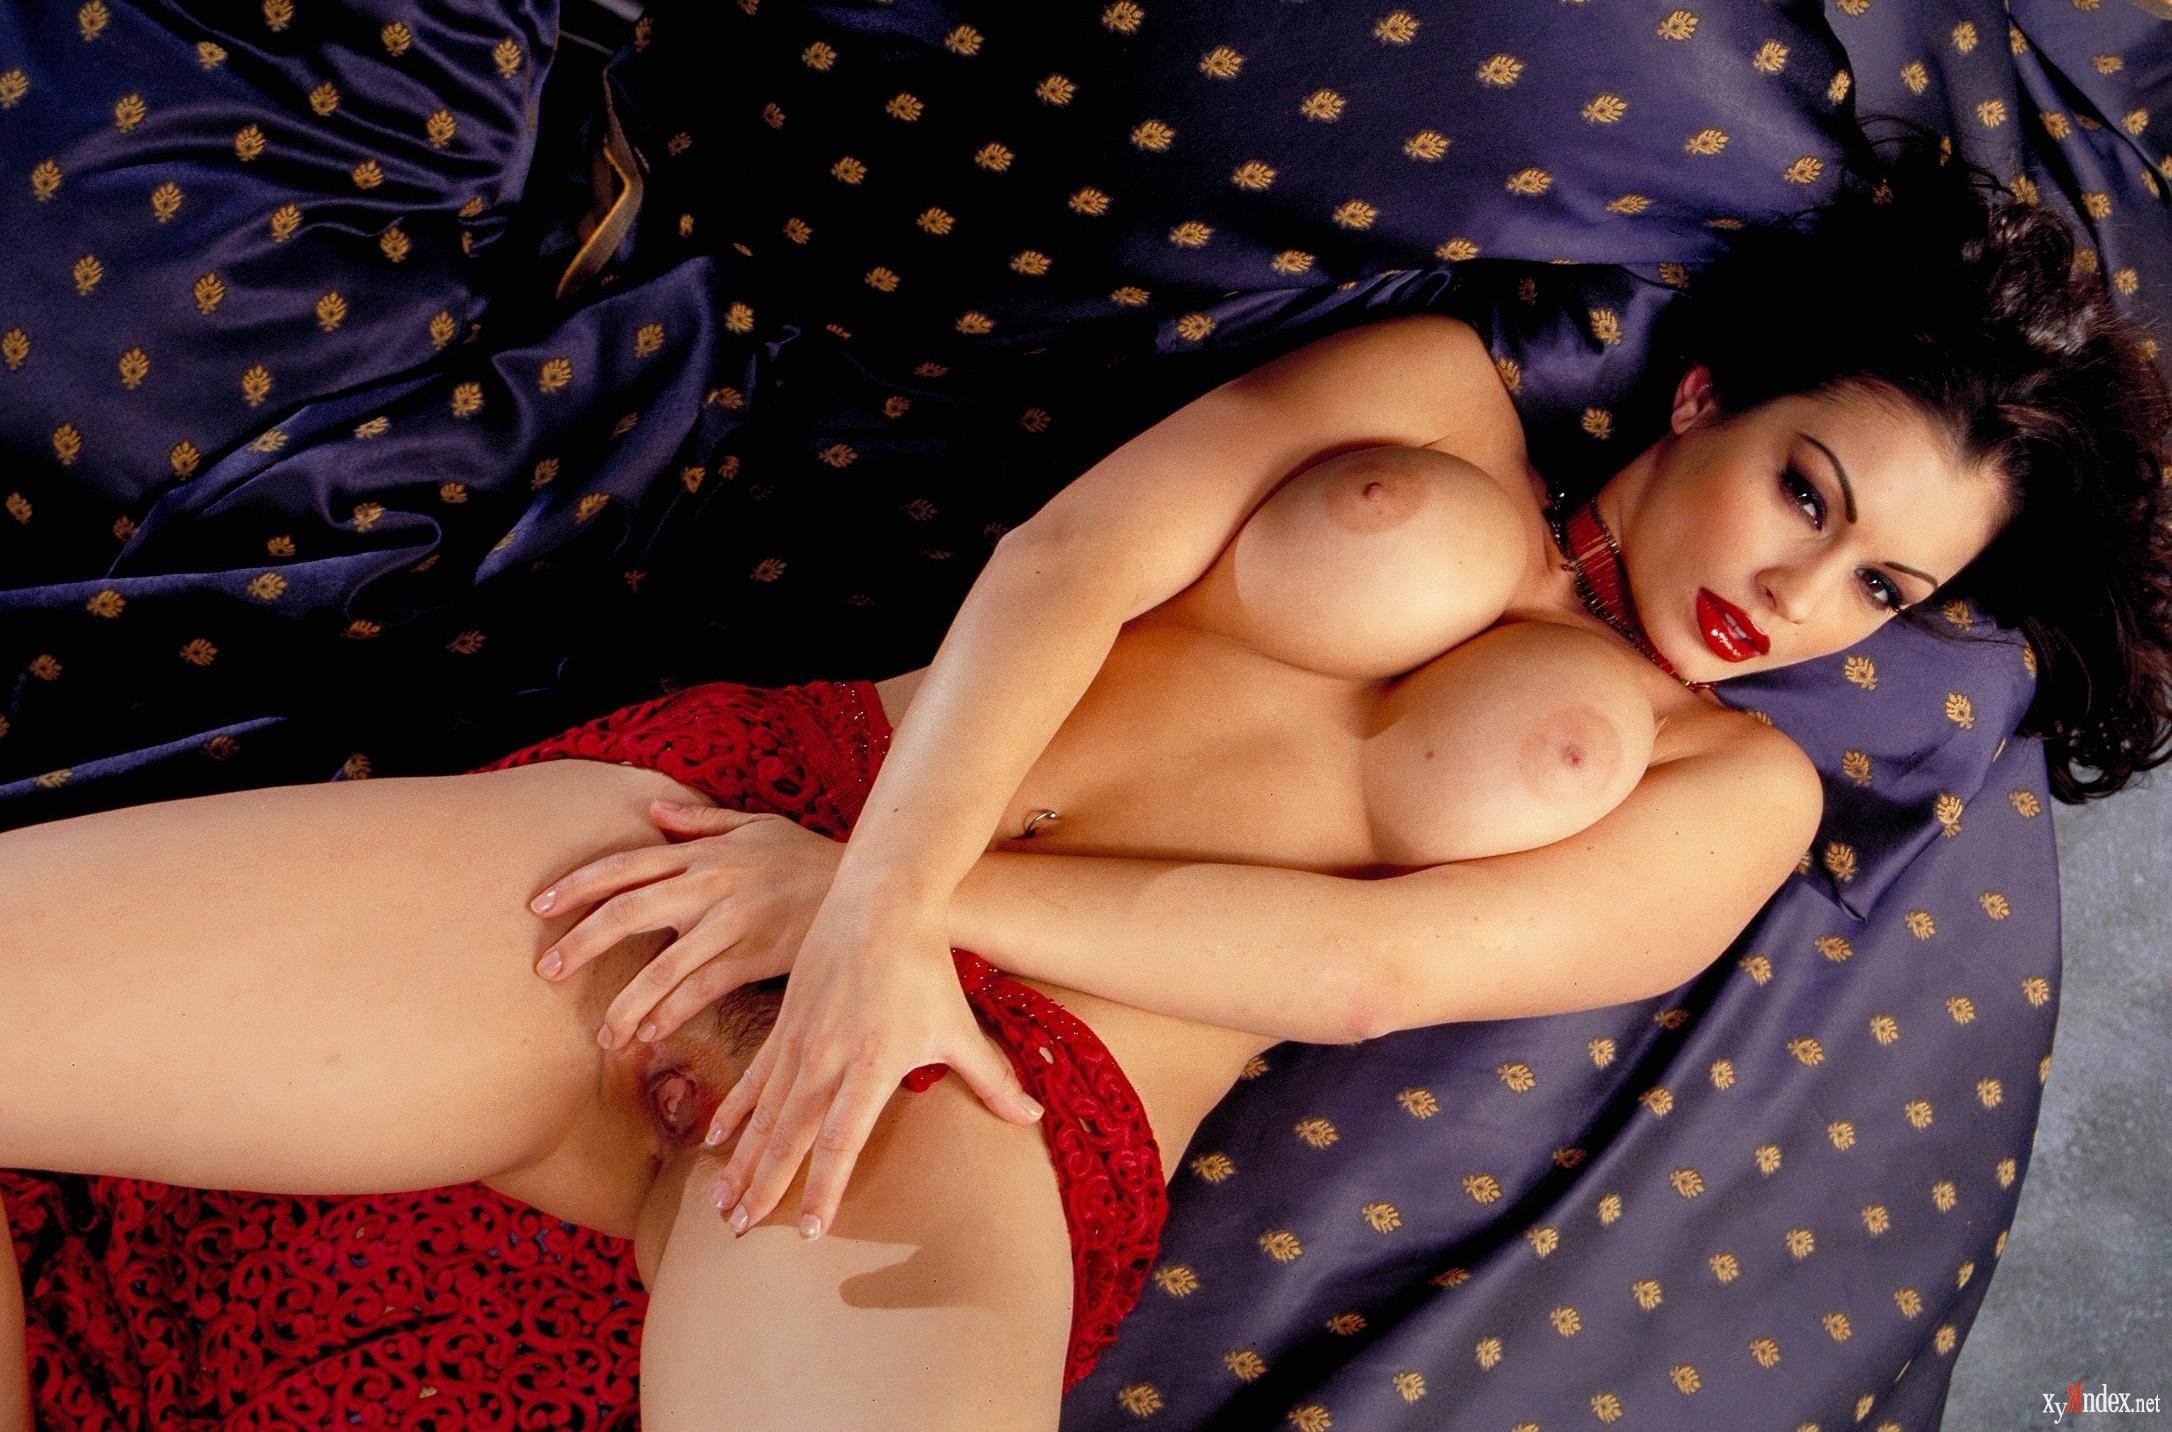 Aria giovanni boob press